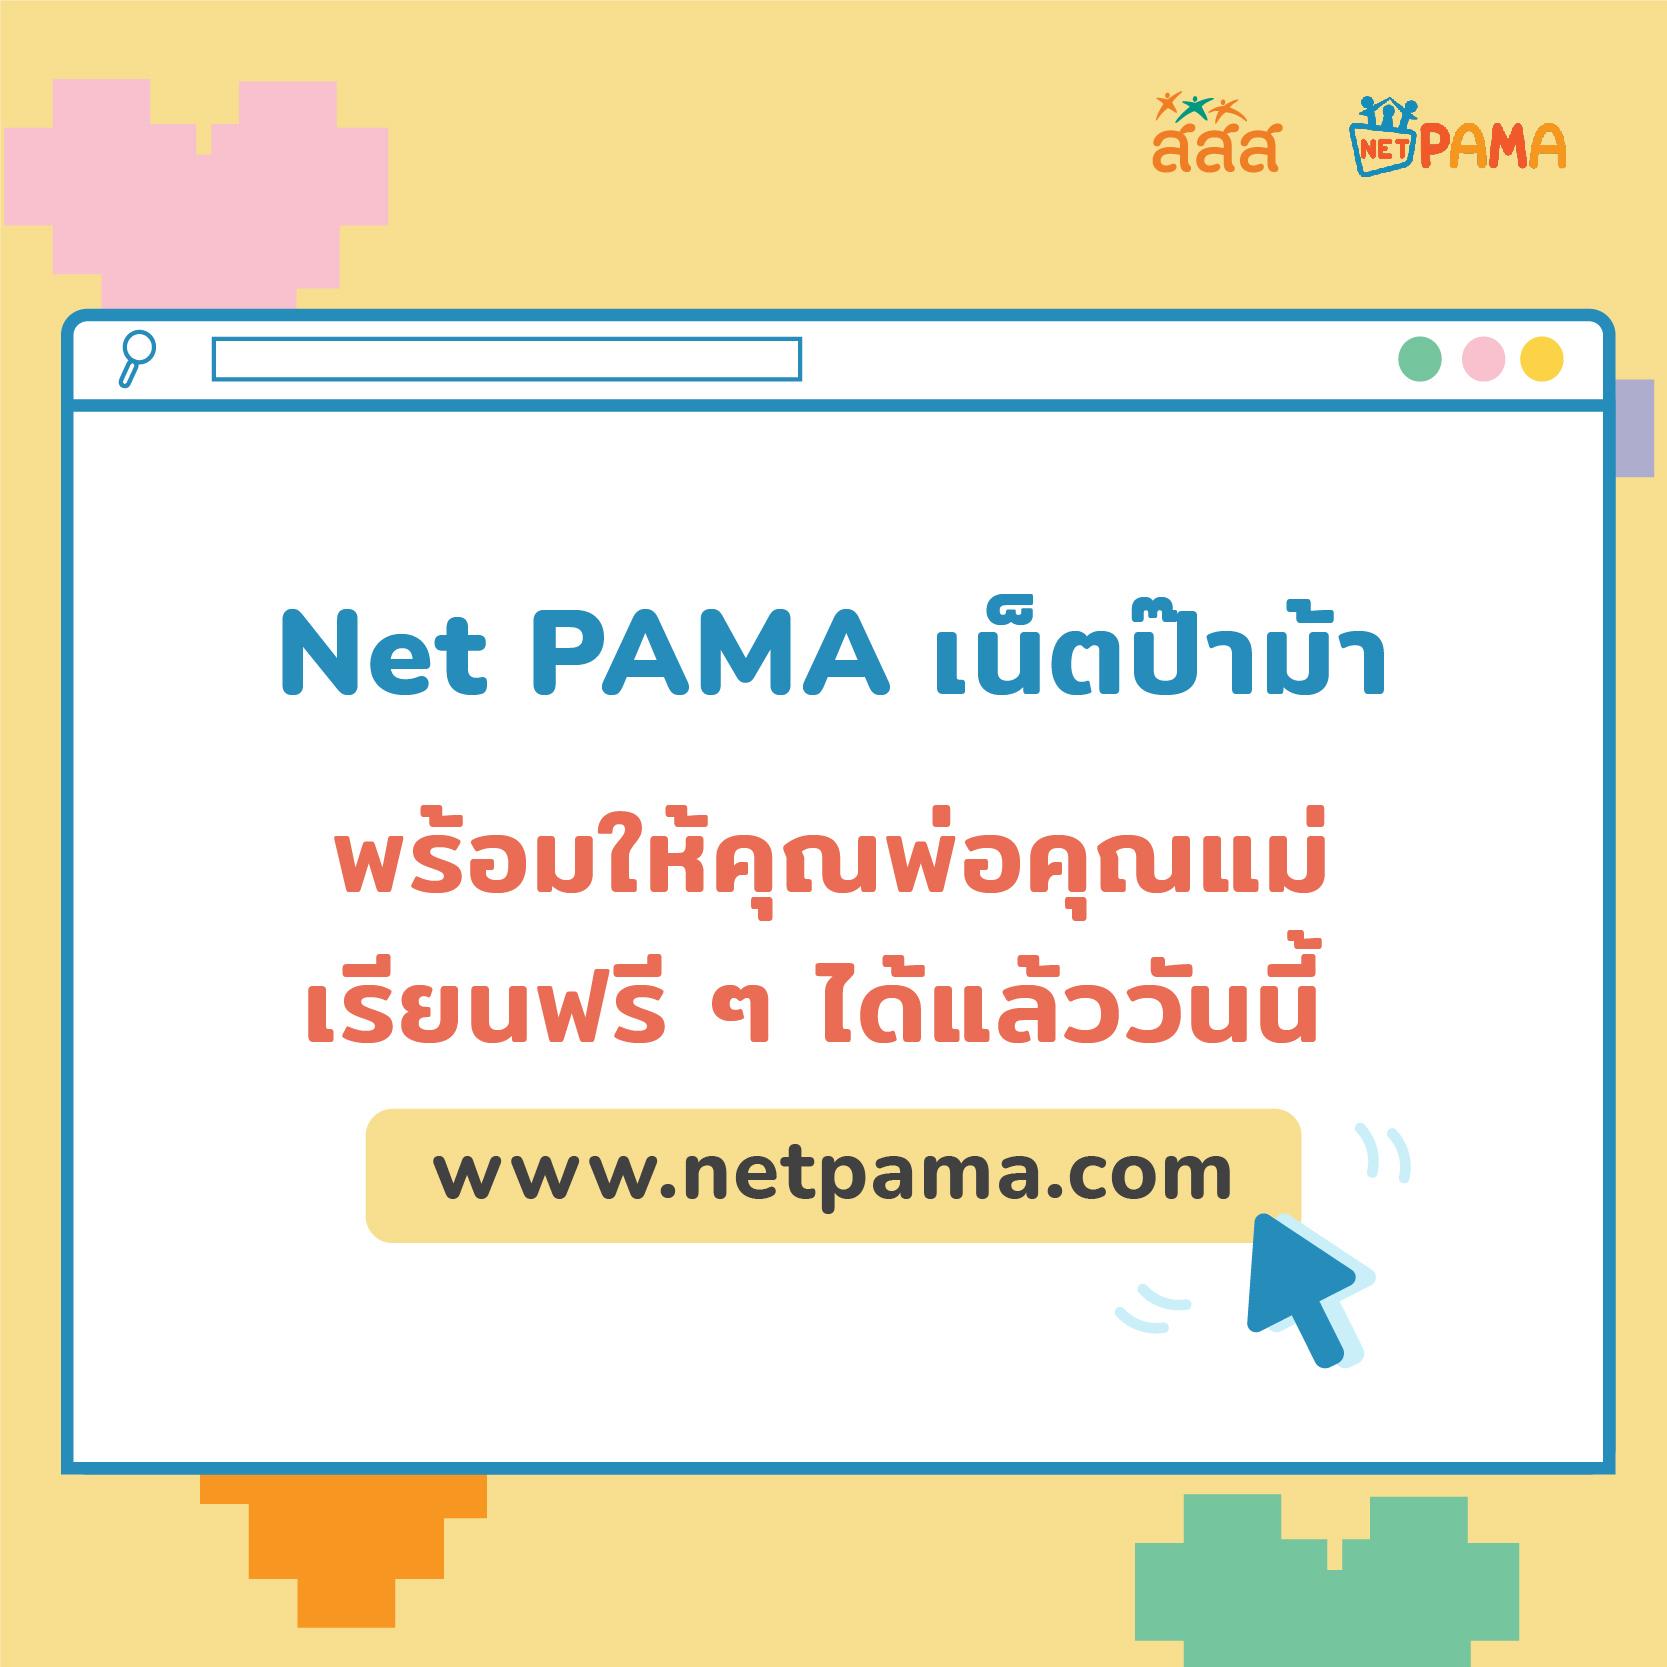 เปิดตำราออนไลน์ เลี้ยงลูกสไตล์ Net PAMA thaihealth